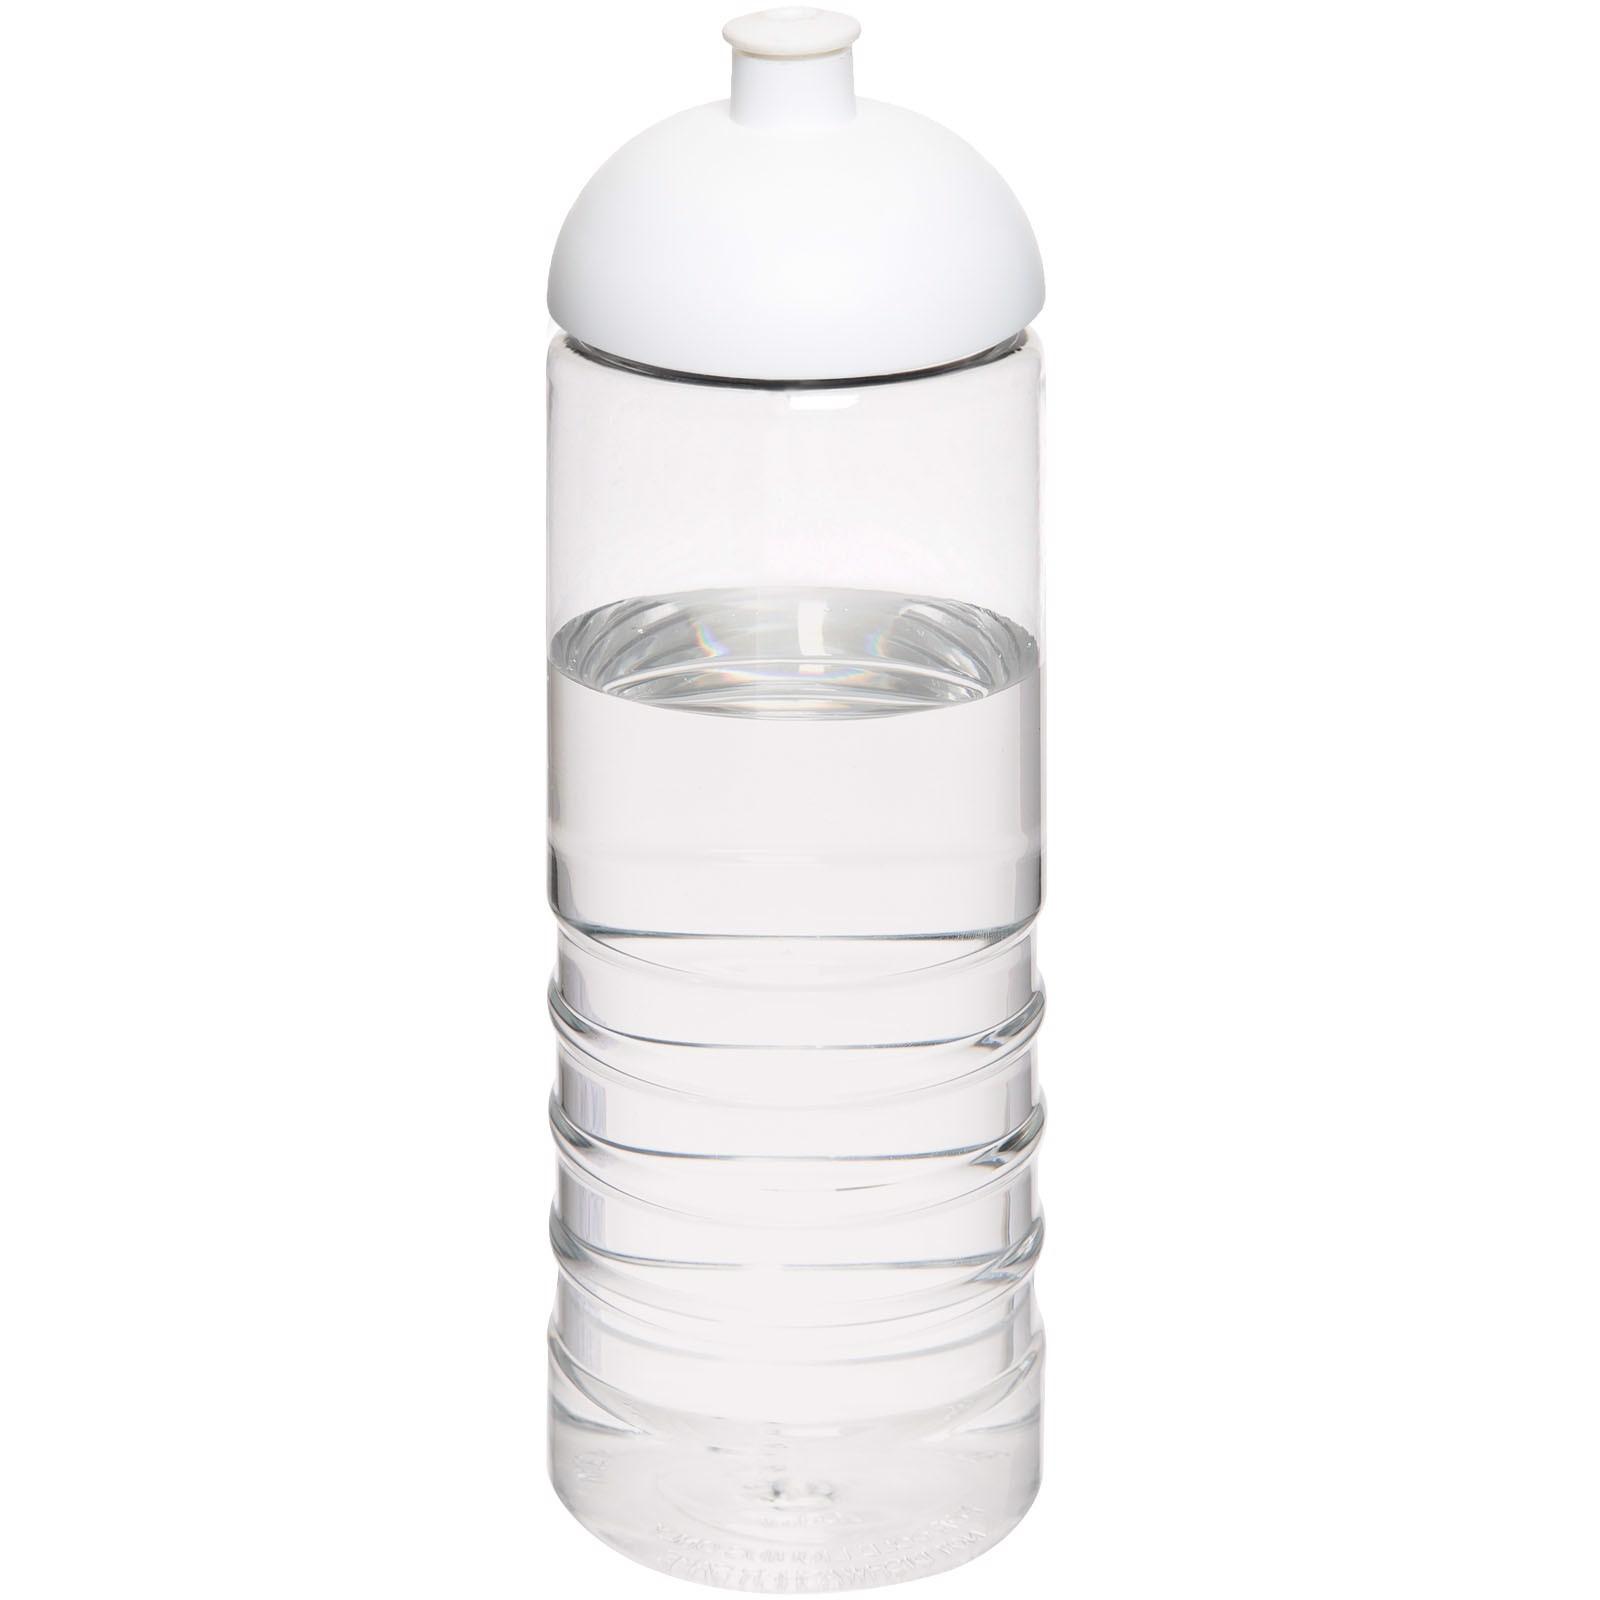 H2O Treble 750 ml Sportflasche mit Kuppeldeckel - Transparent / Weiss